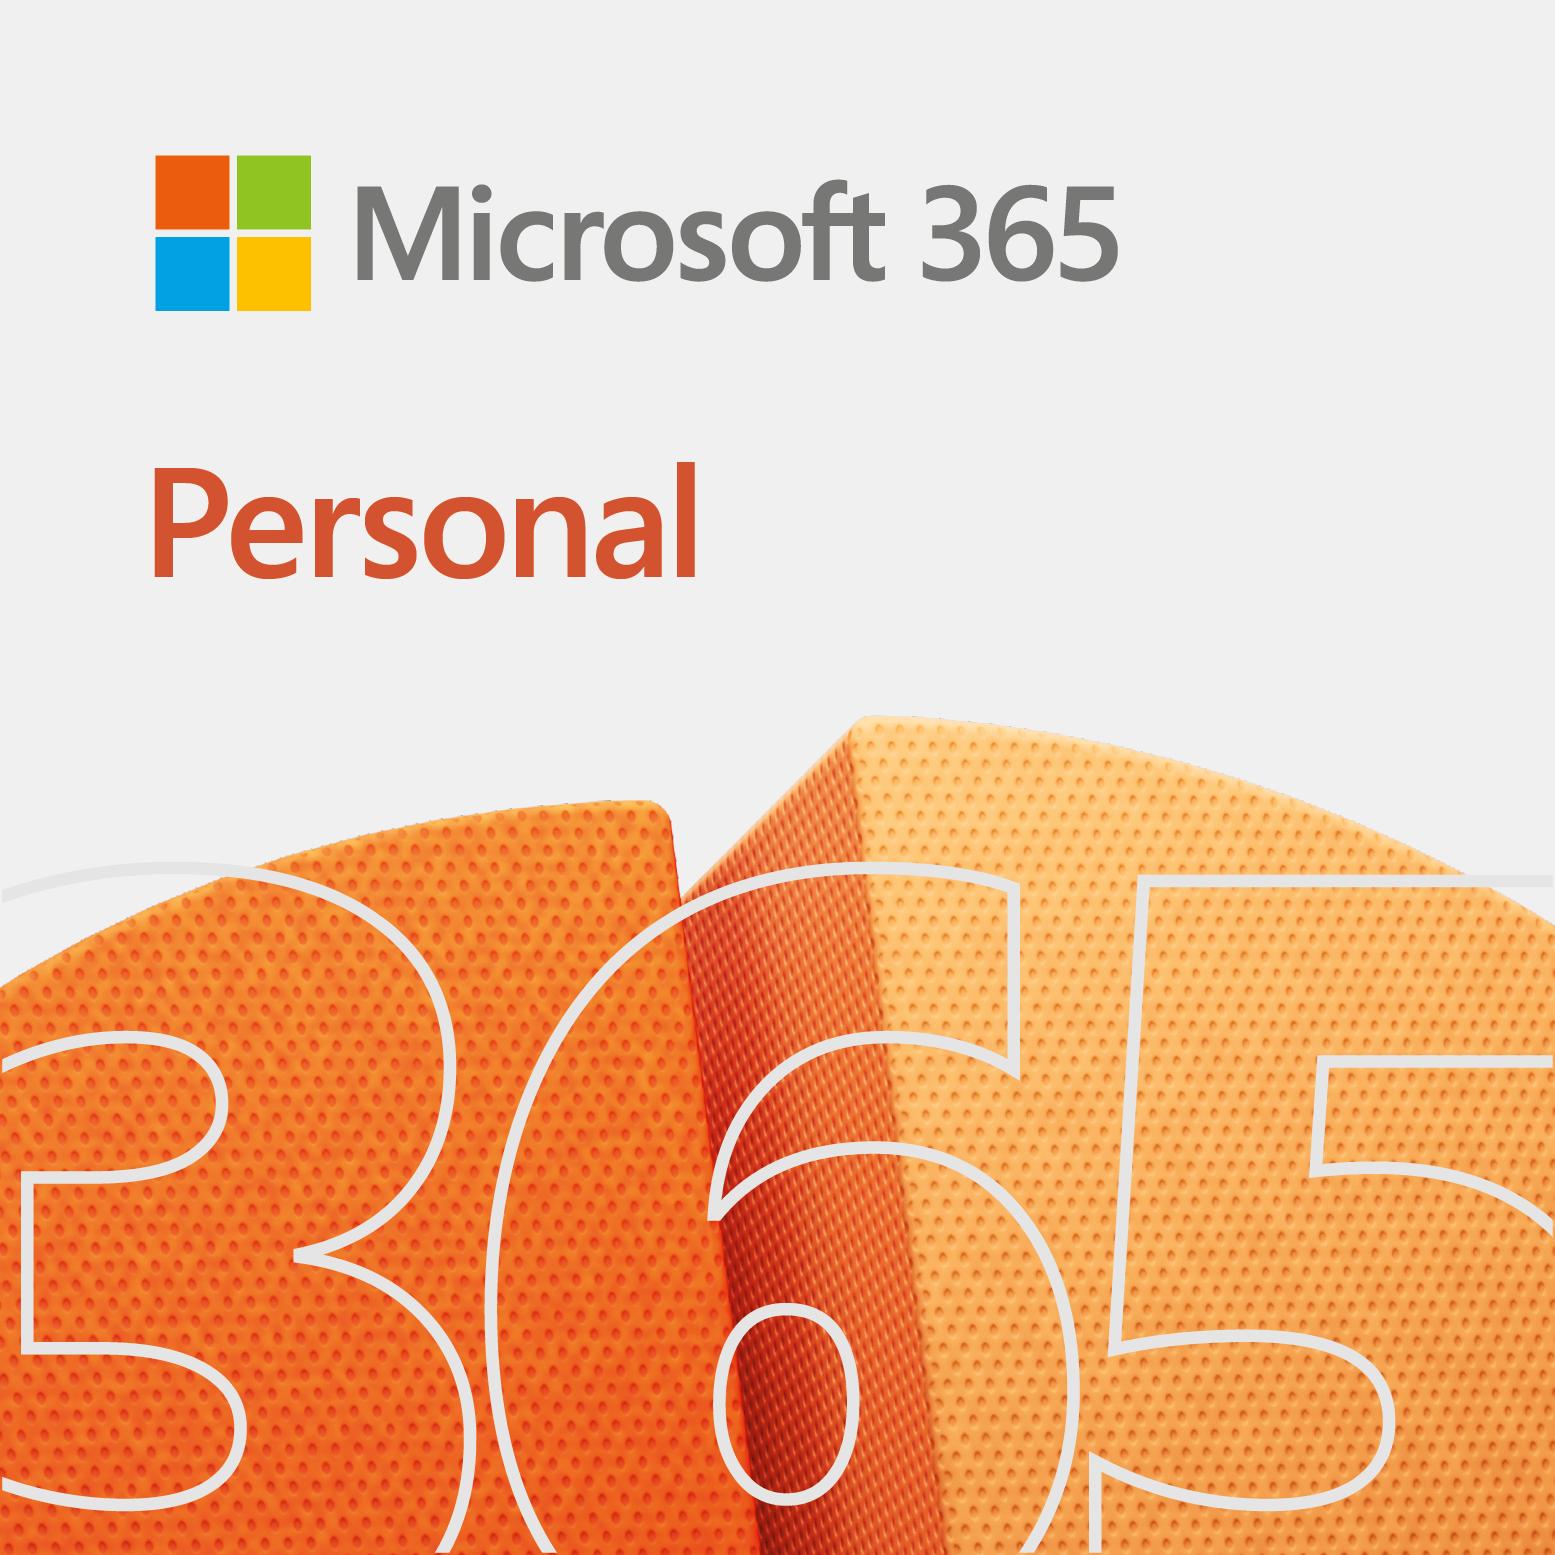 【3,000円キャッシュバック】Microsoft 365 Personal